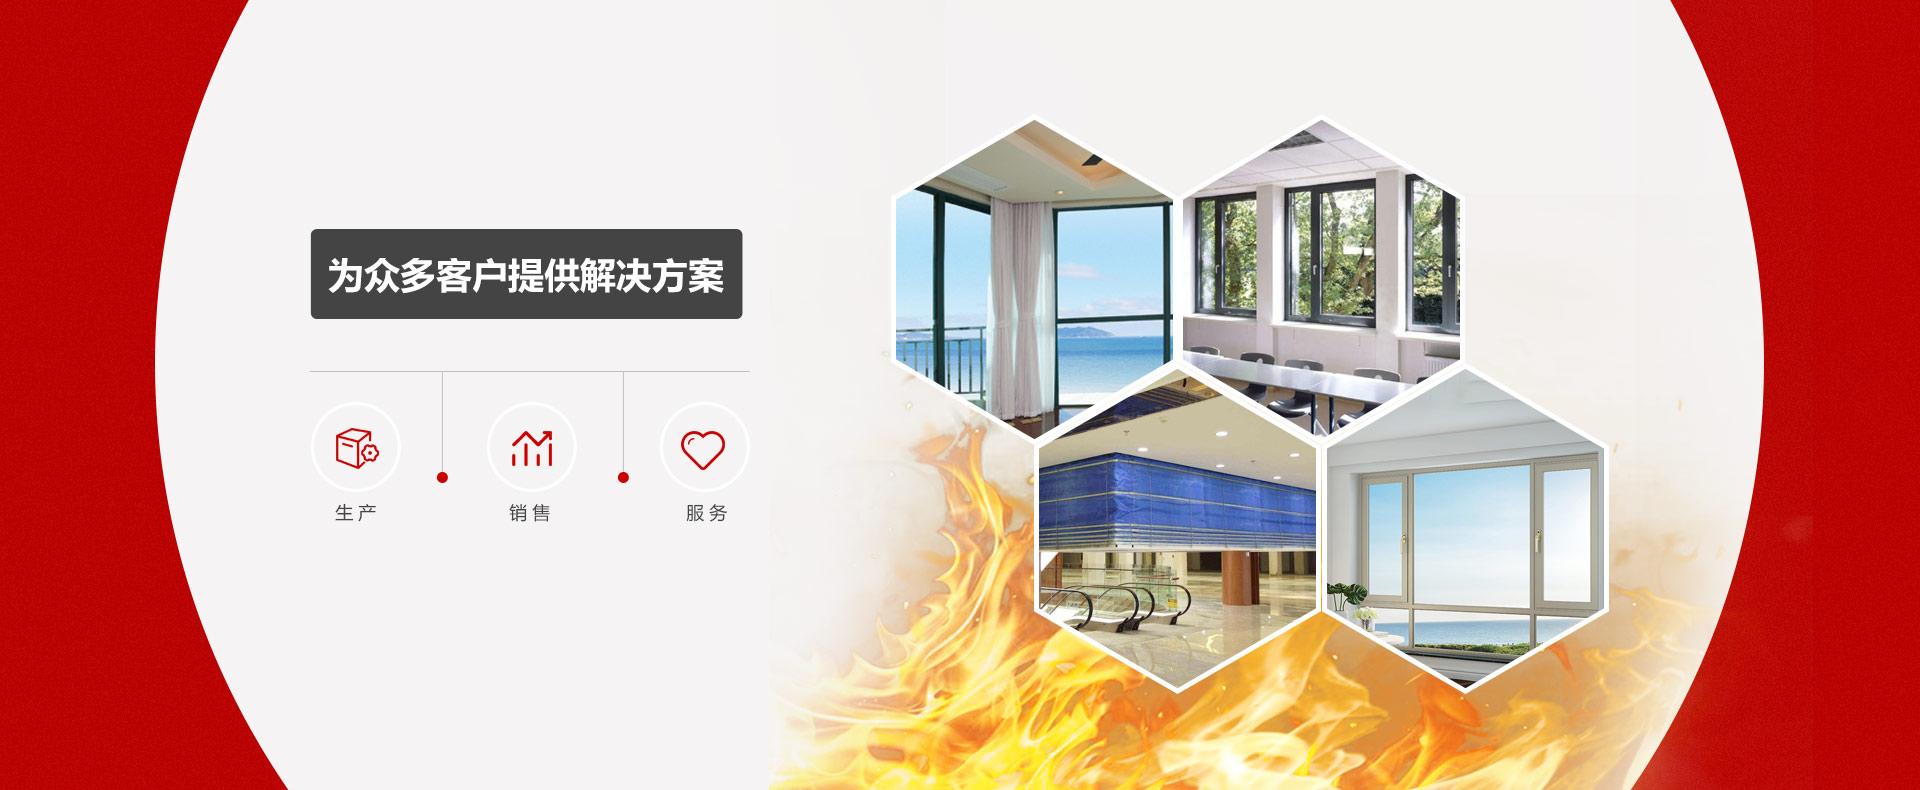 陕西防火门厂家